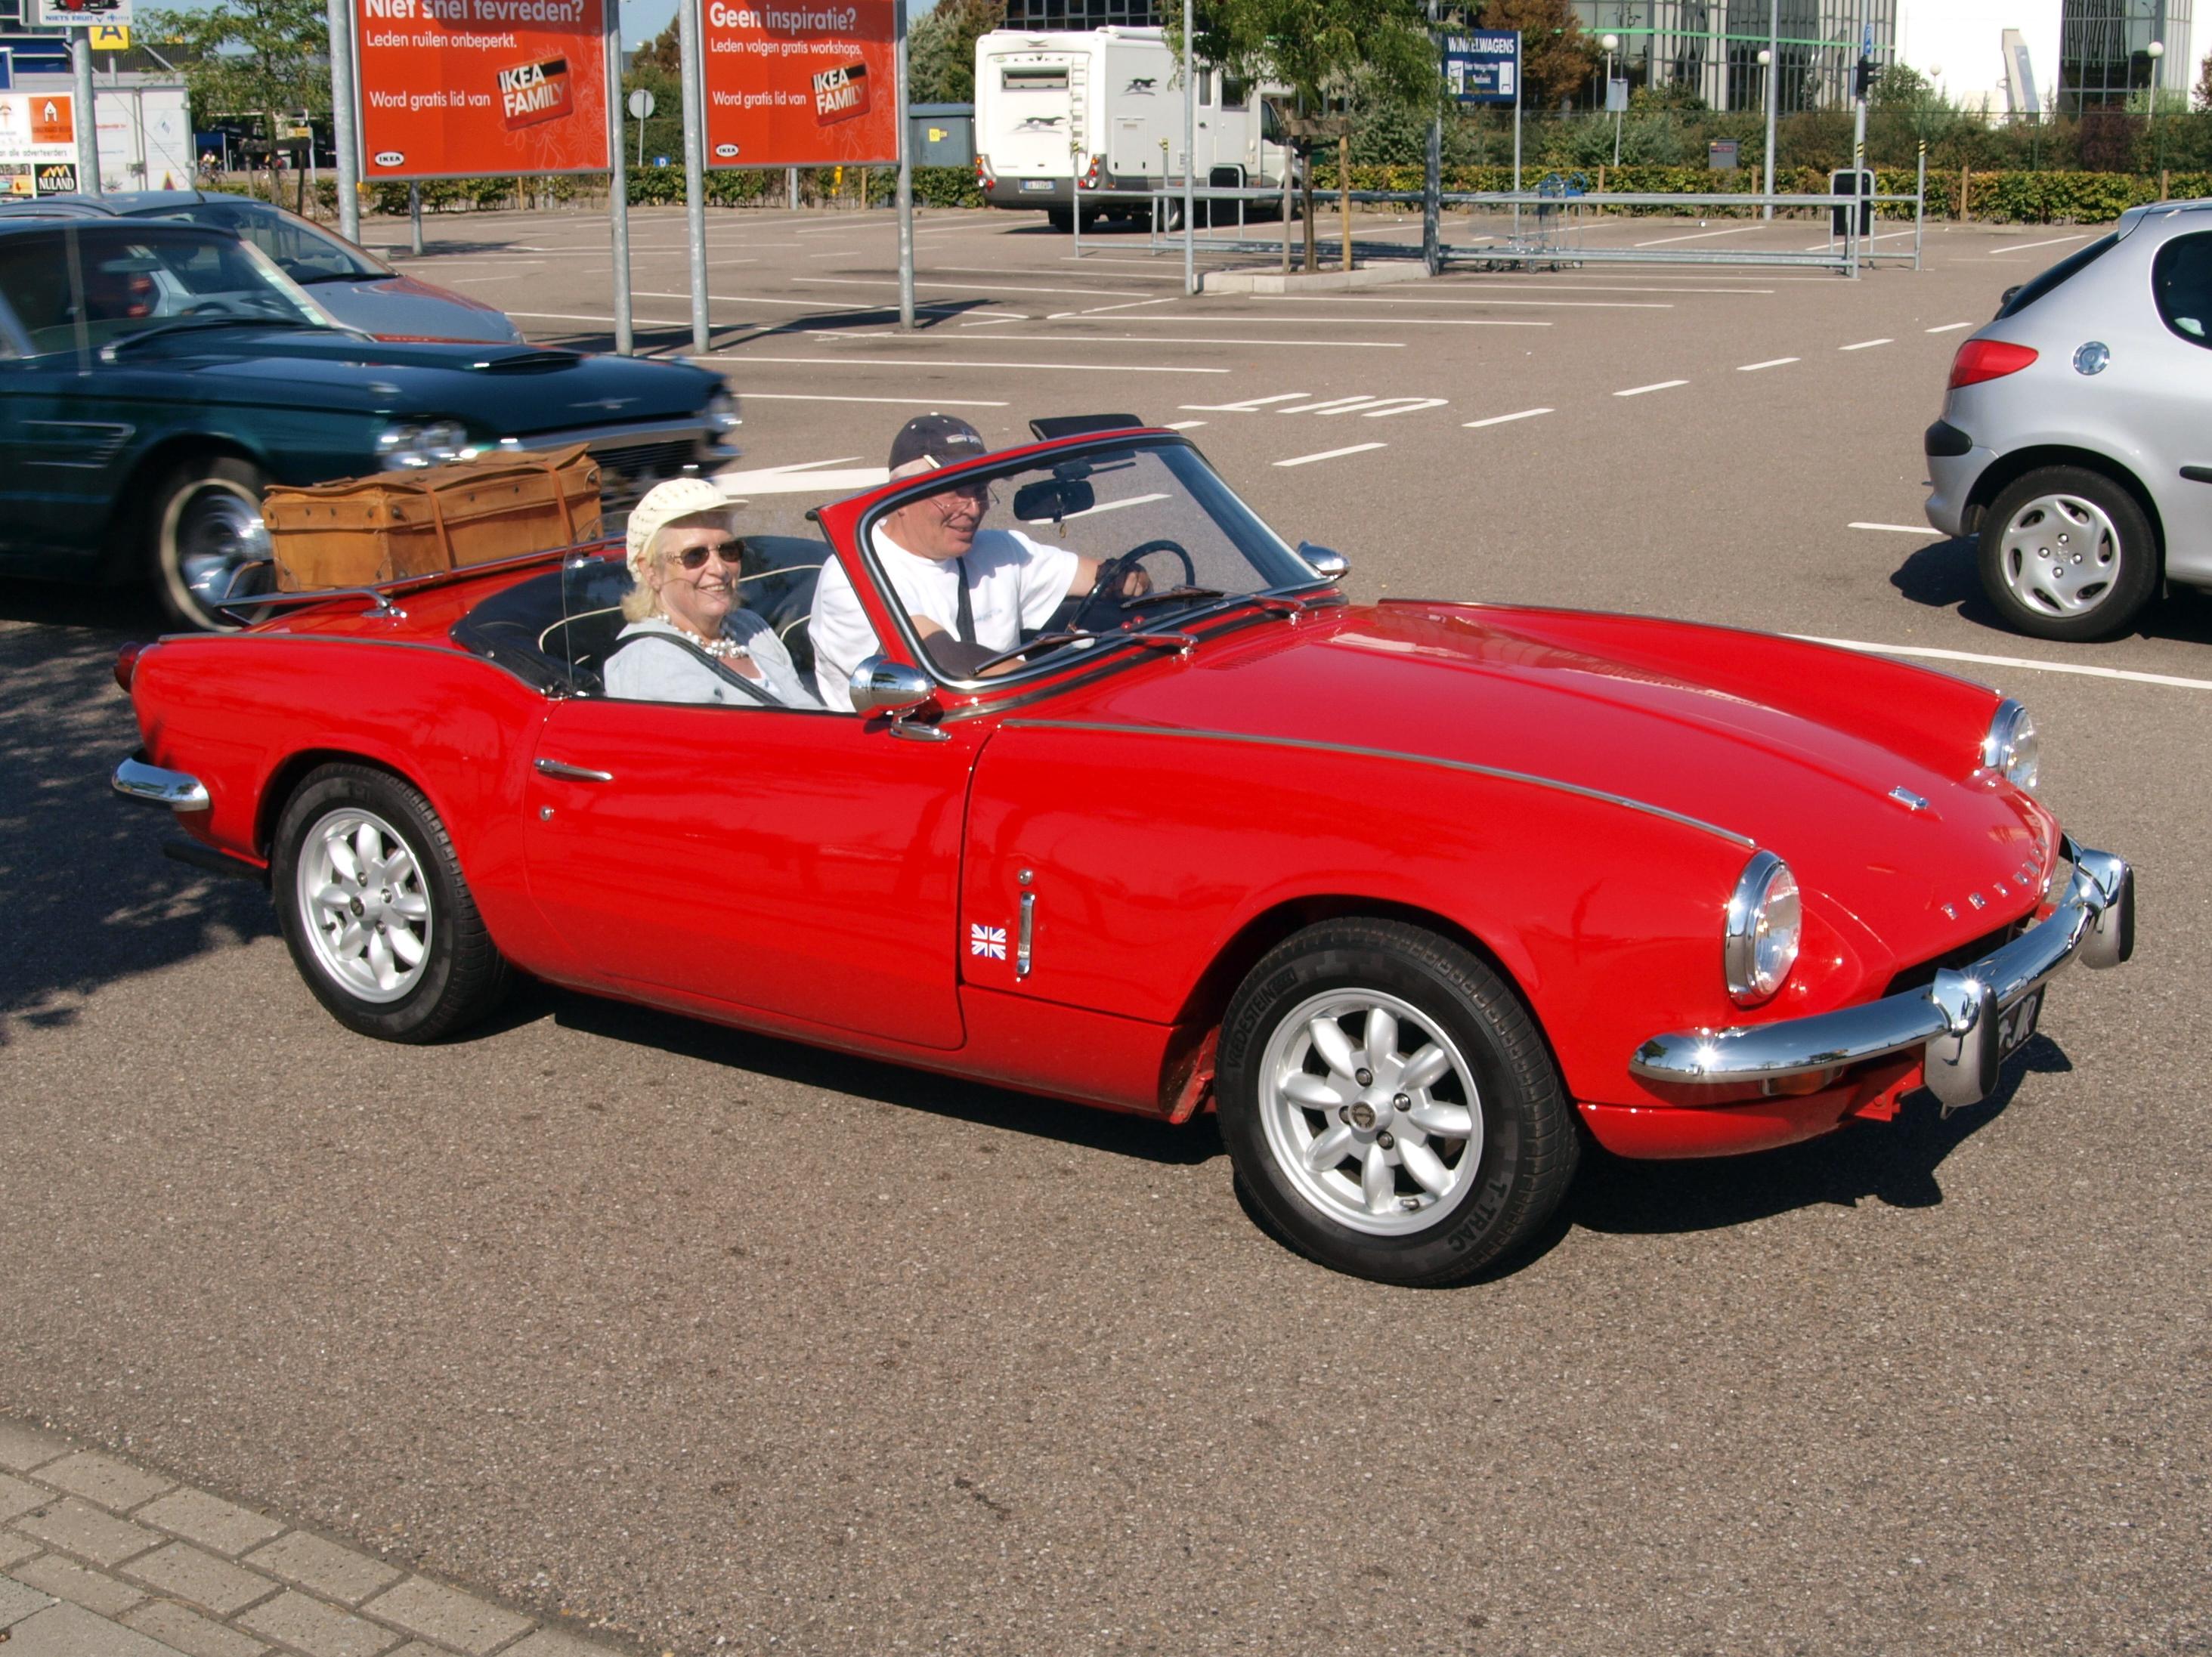 triumph spitfire x triumph spitfire auto museum online 1280 x 960 389 2927x2193